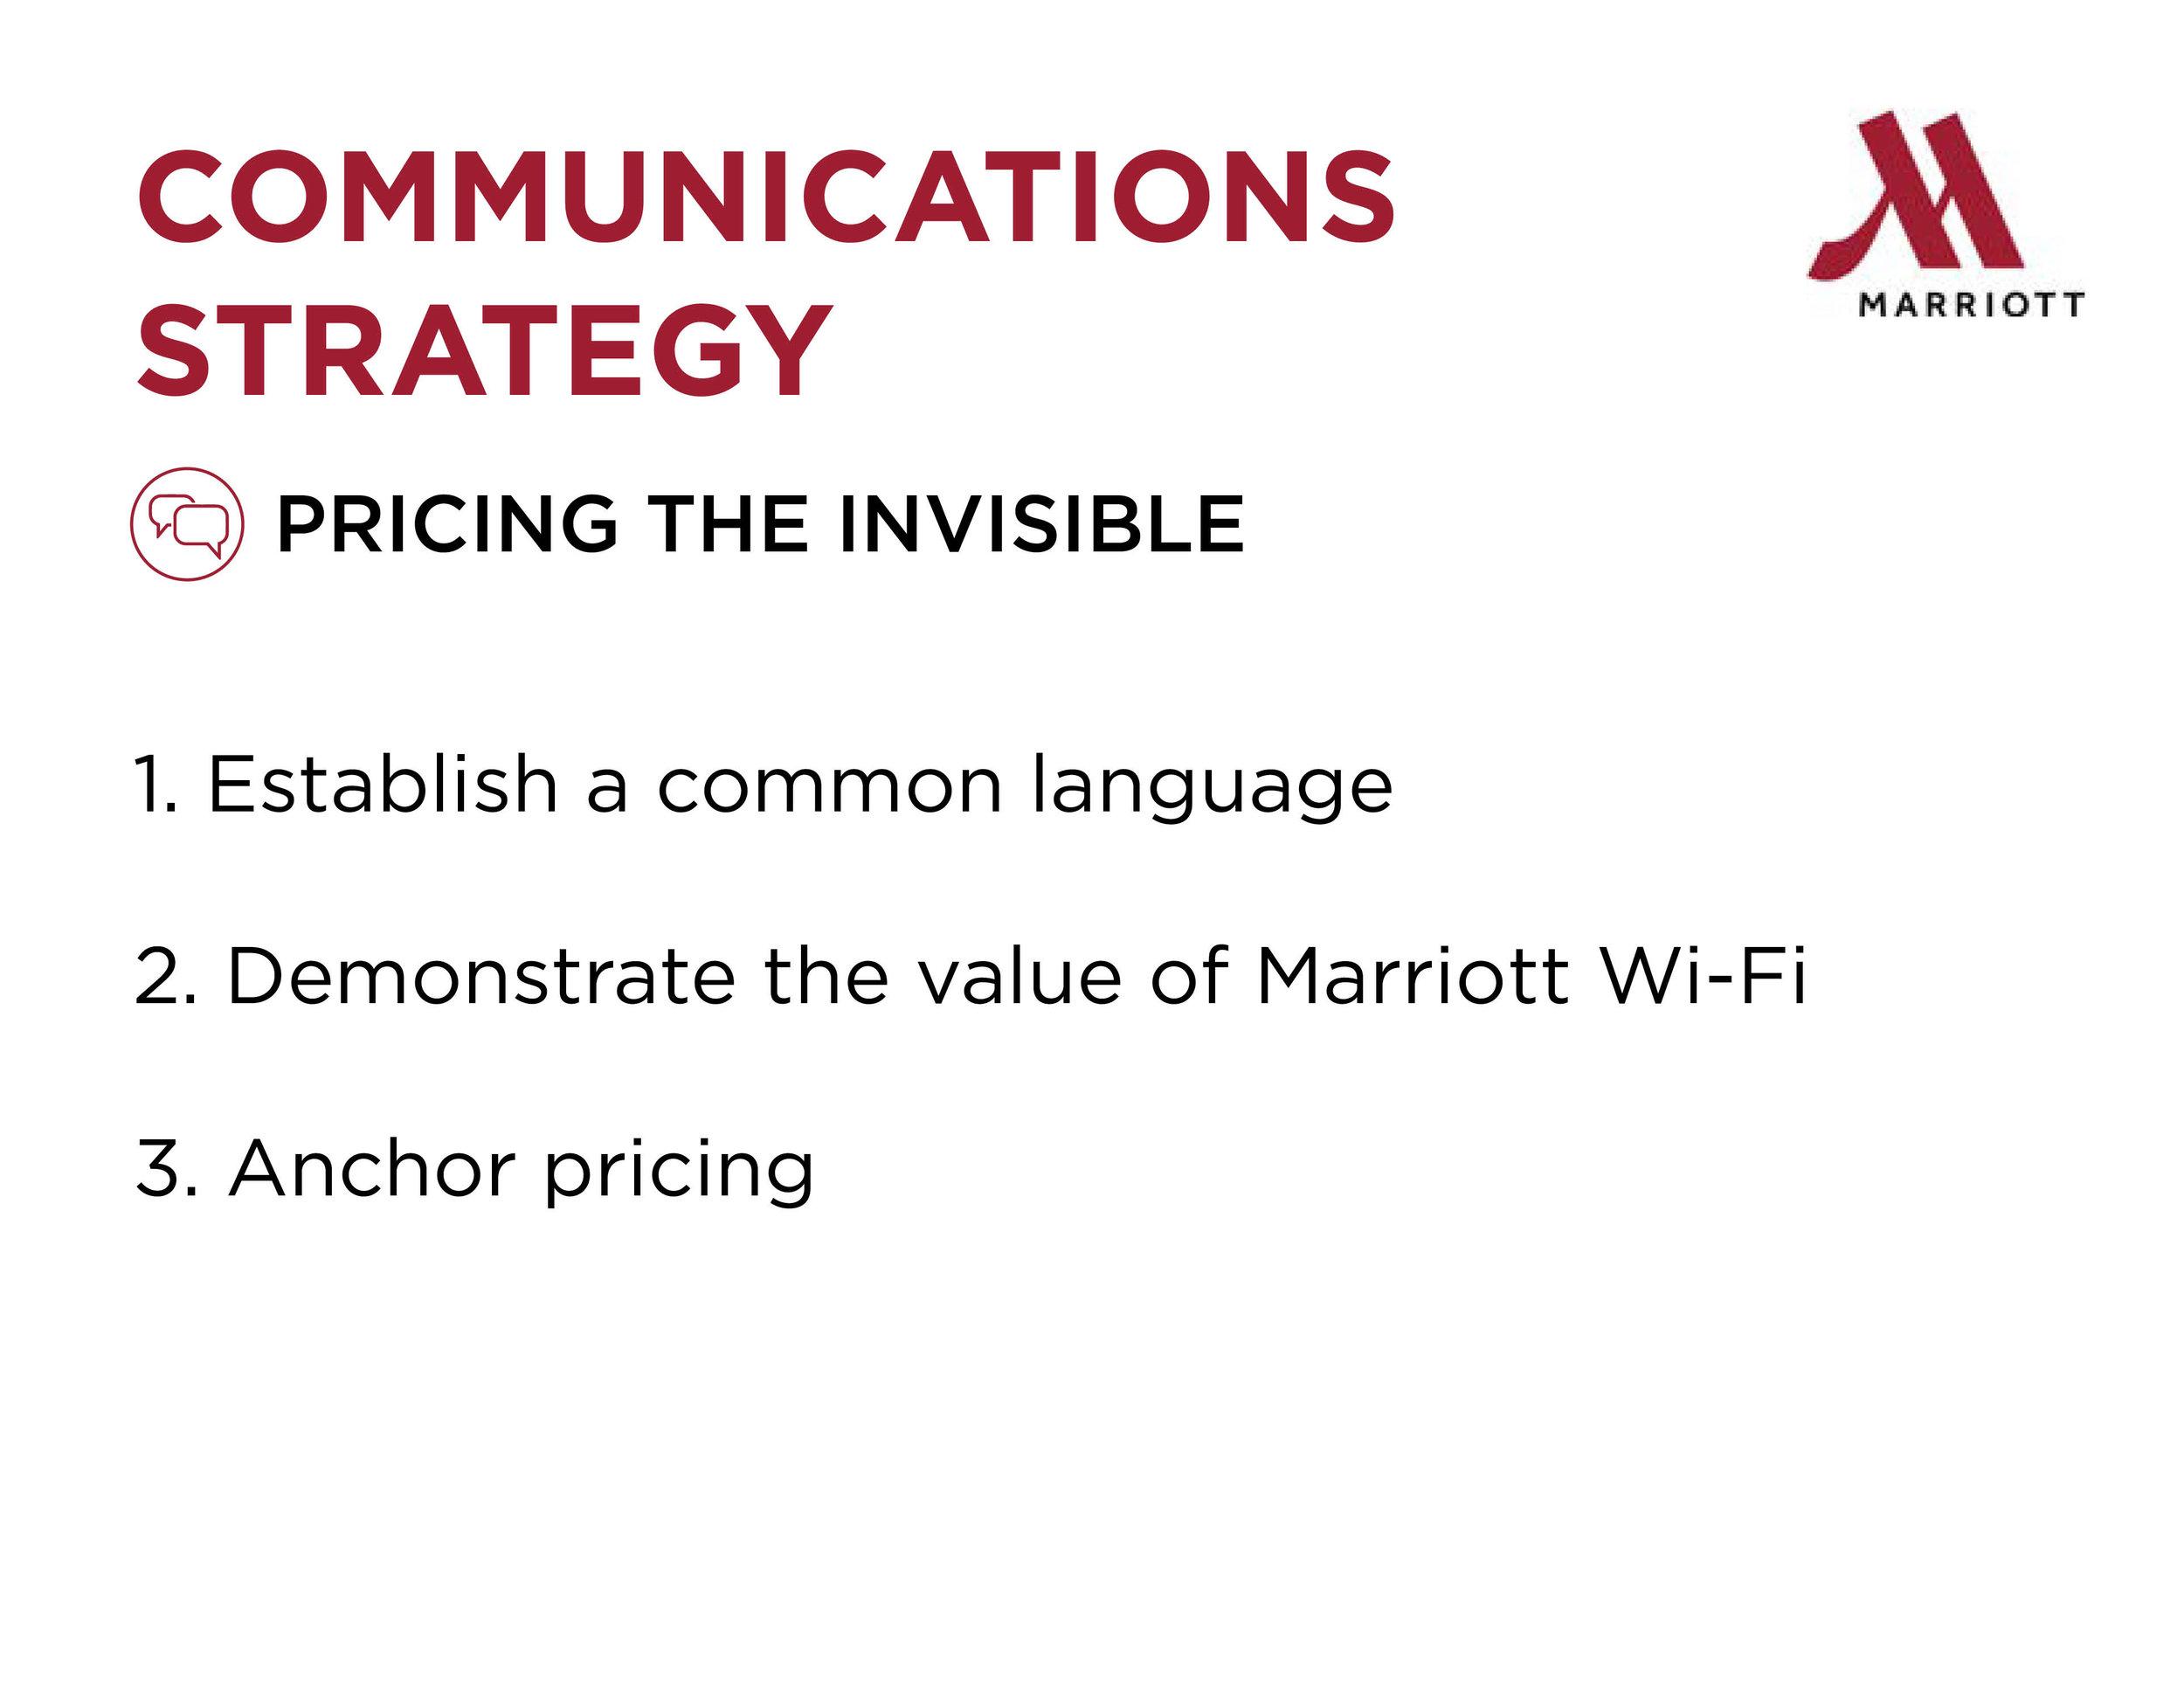 Marriott_9.jpg